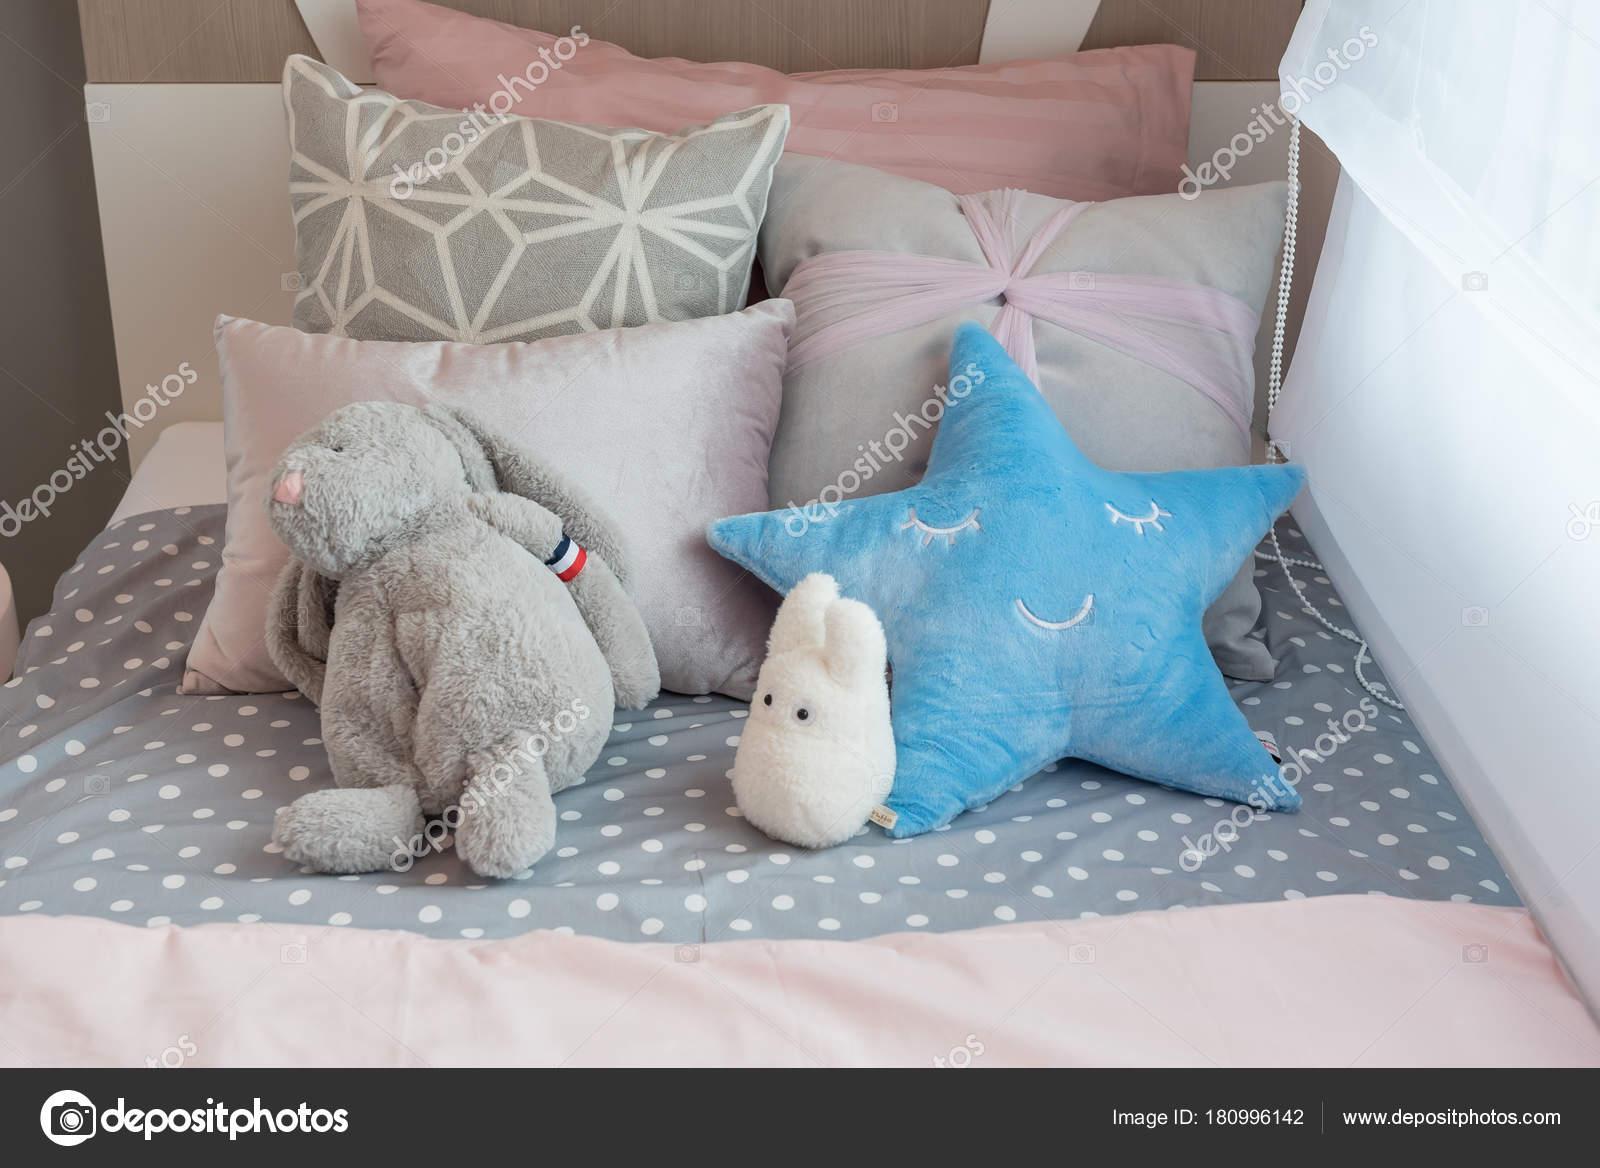 Kinder Schlafzimmer Mit Bunten Kissen Auf Dem Bett Mit Puppen